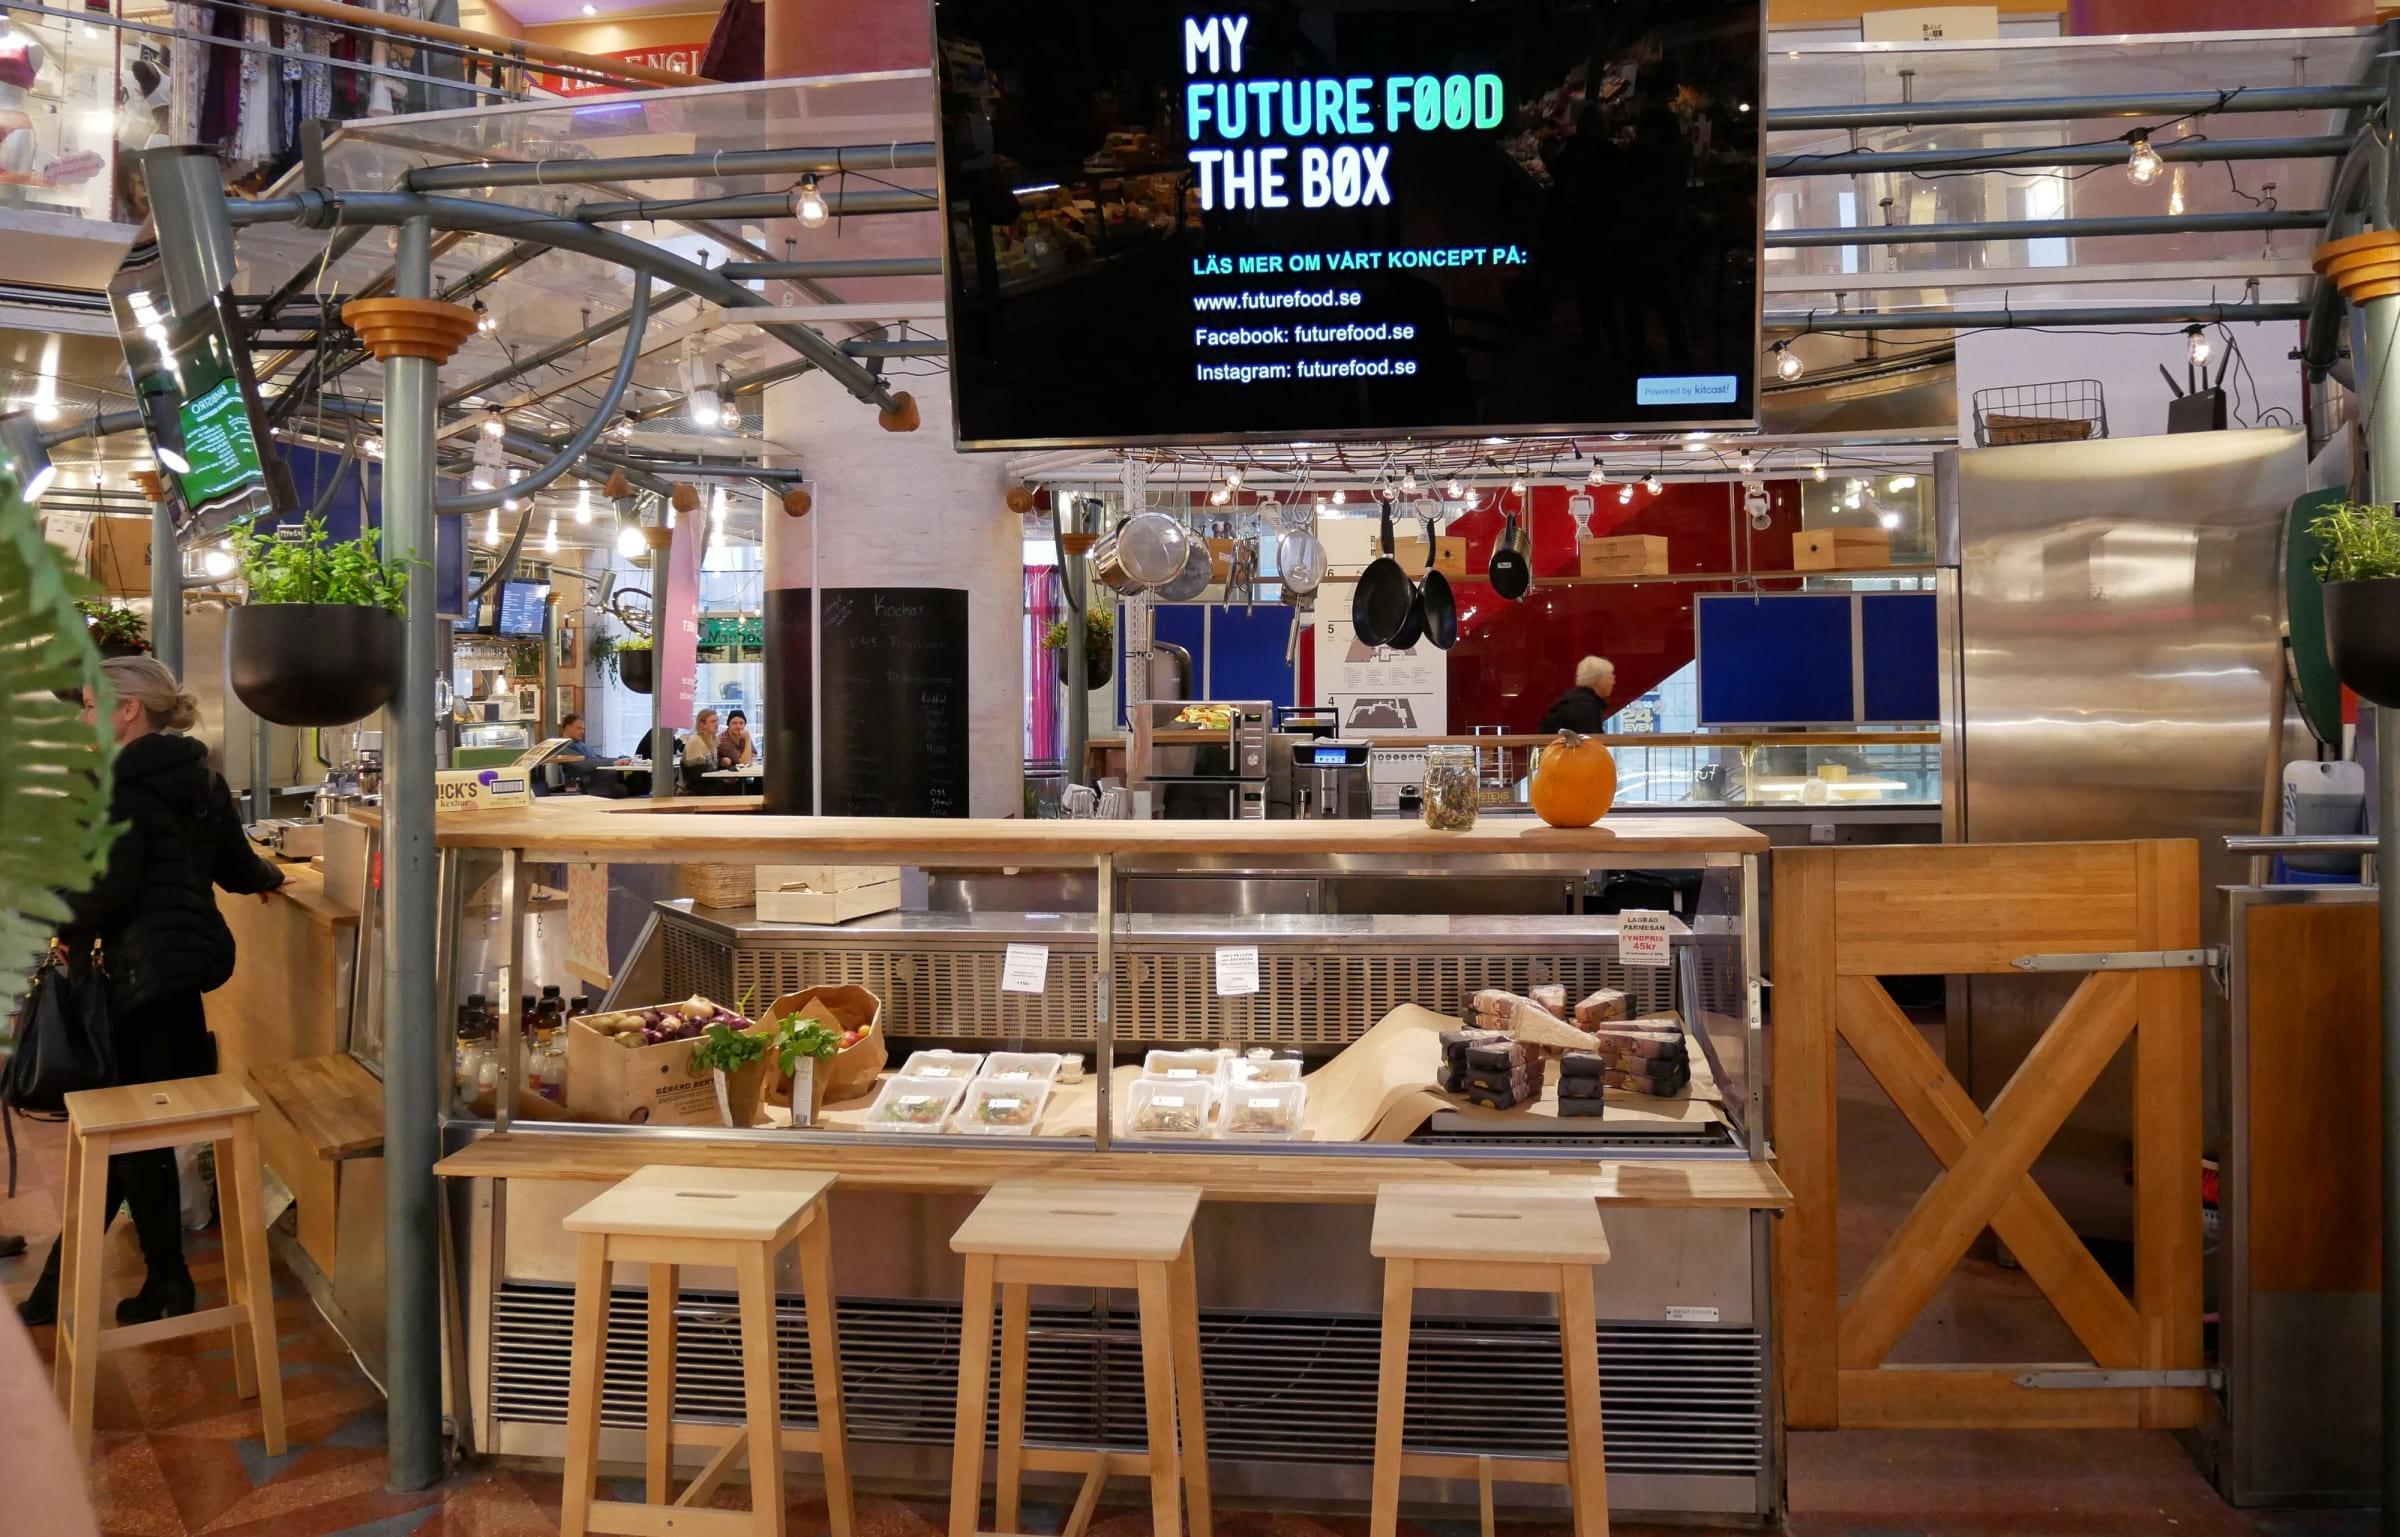 Upptäck framtidens mat på My Future Food – The Box i Söderhallarna